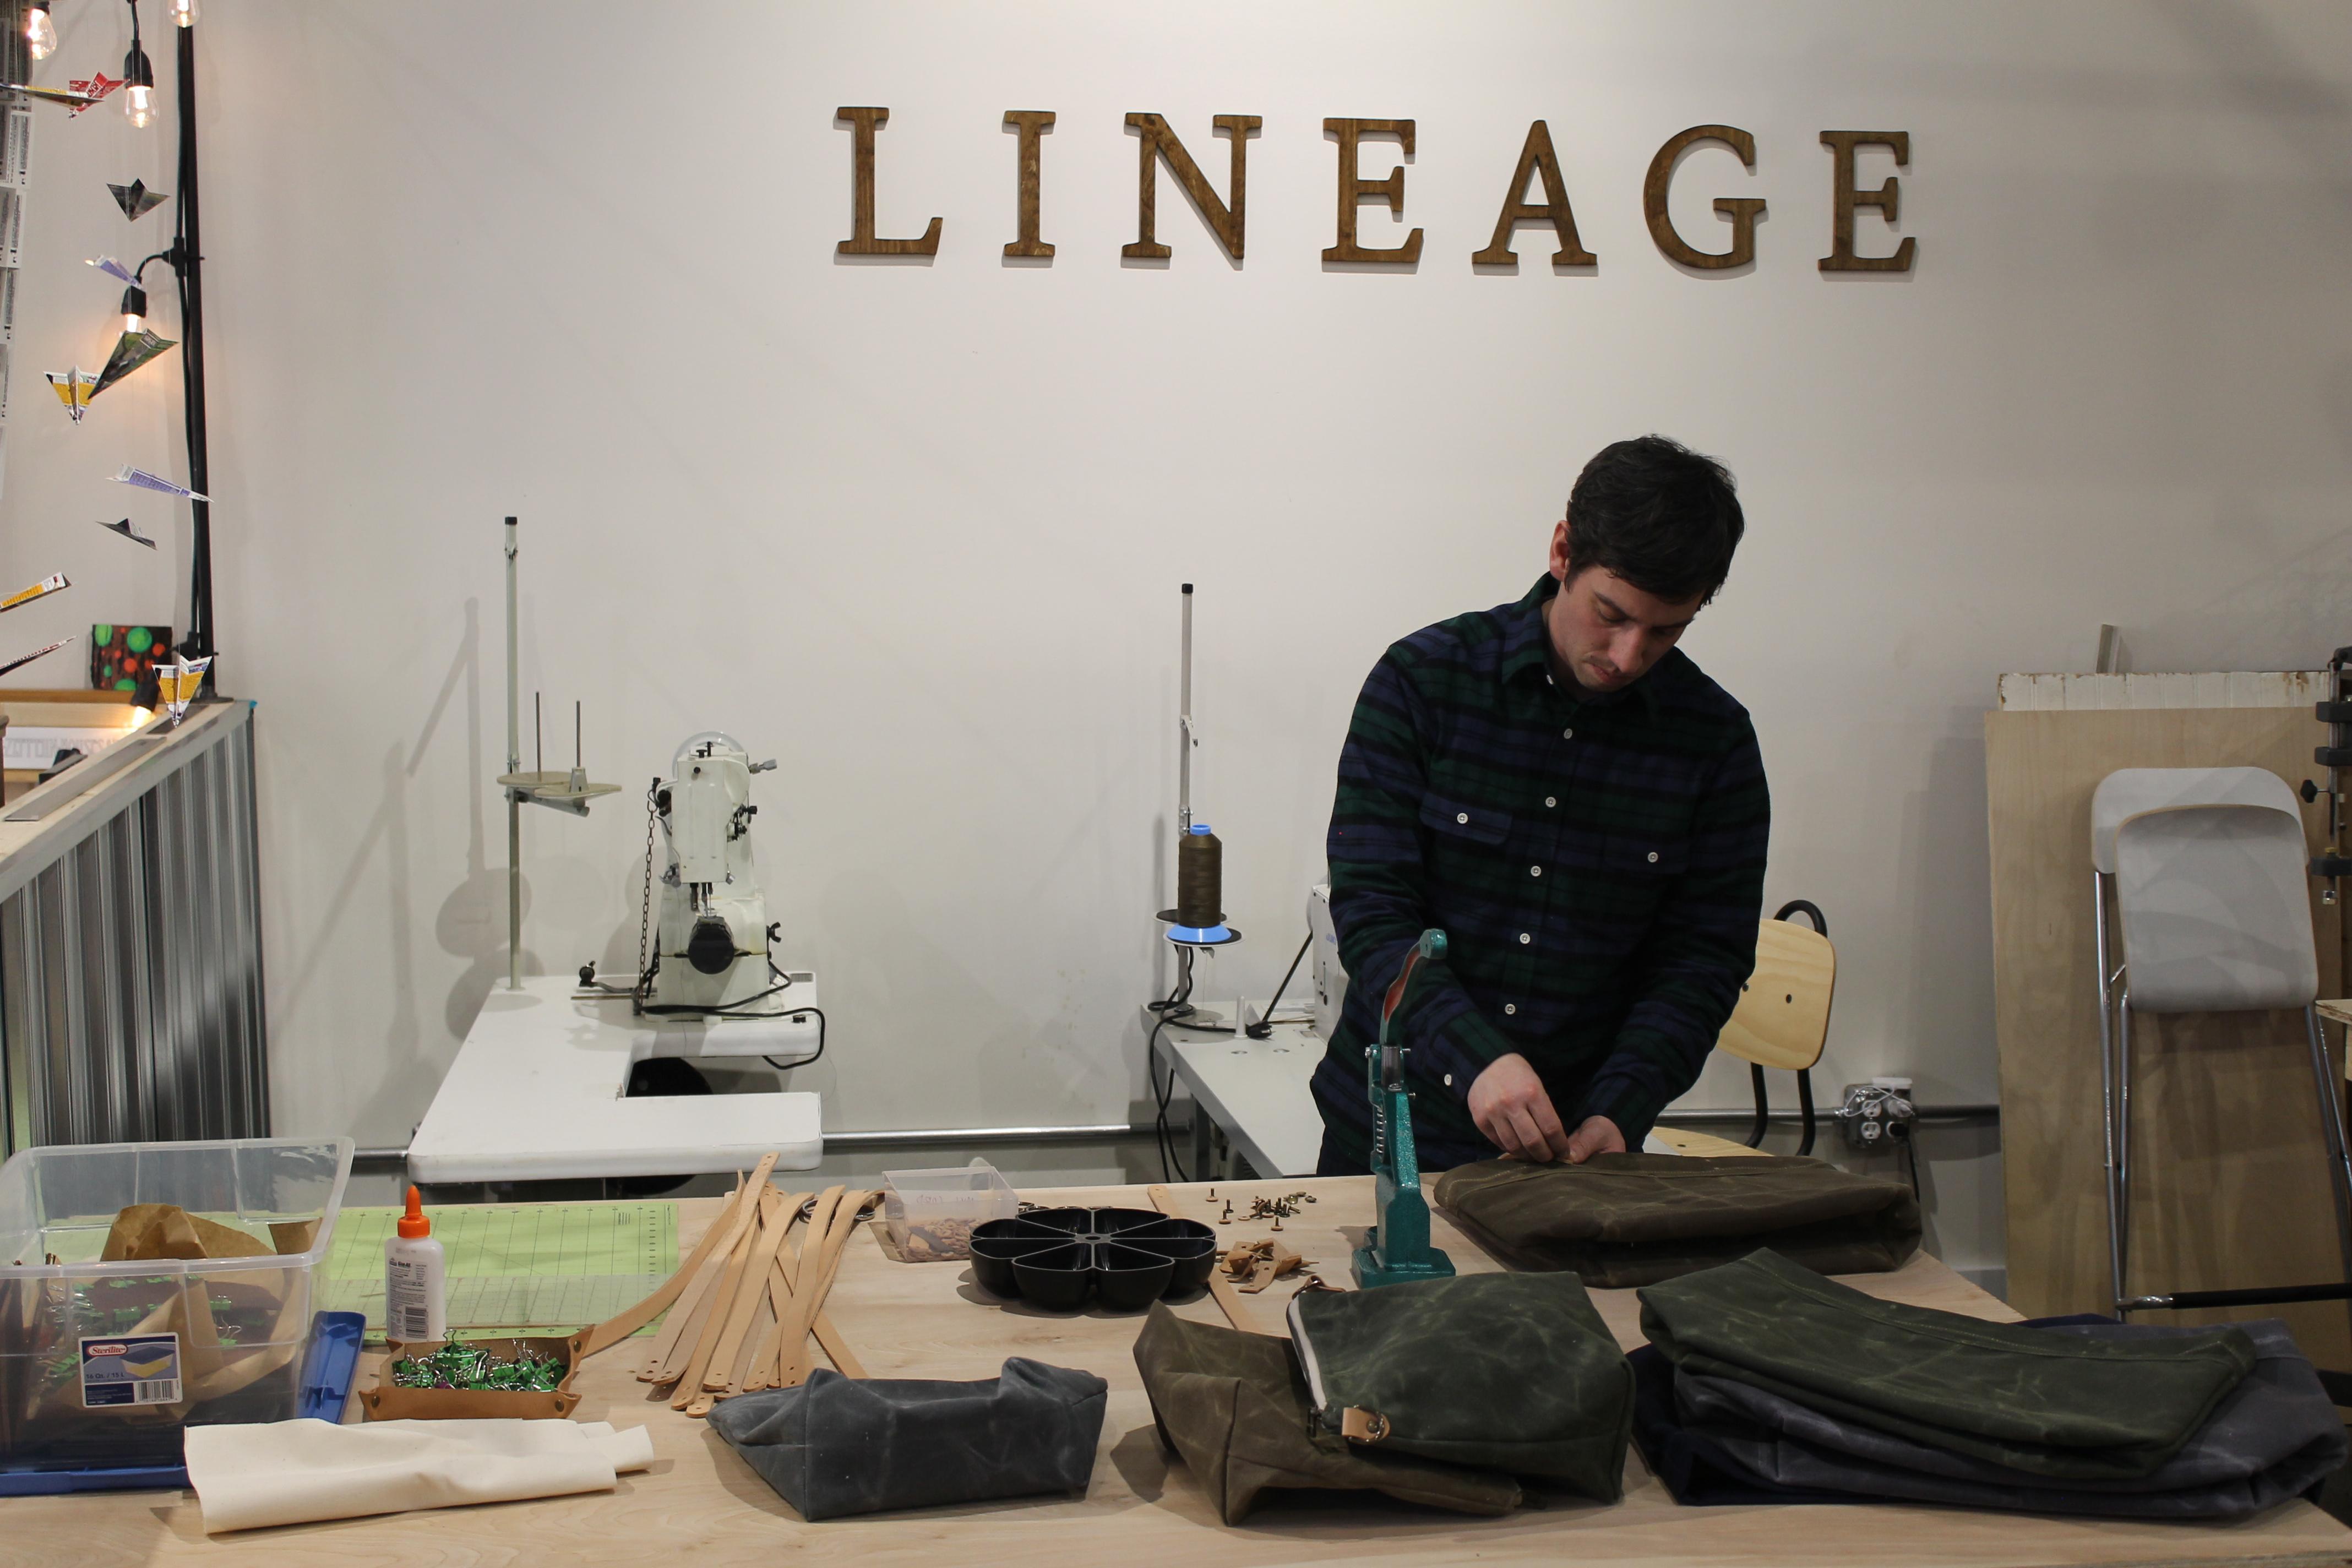 Paul Hansbarger | Lineage | Harrisonblog.com